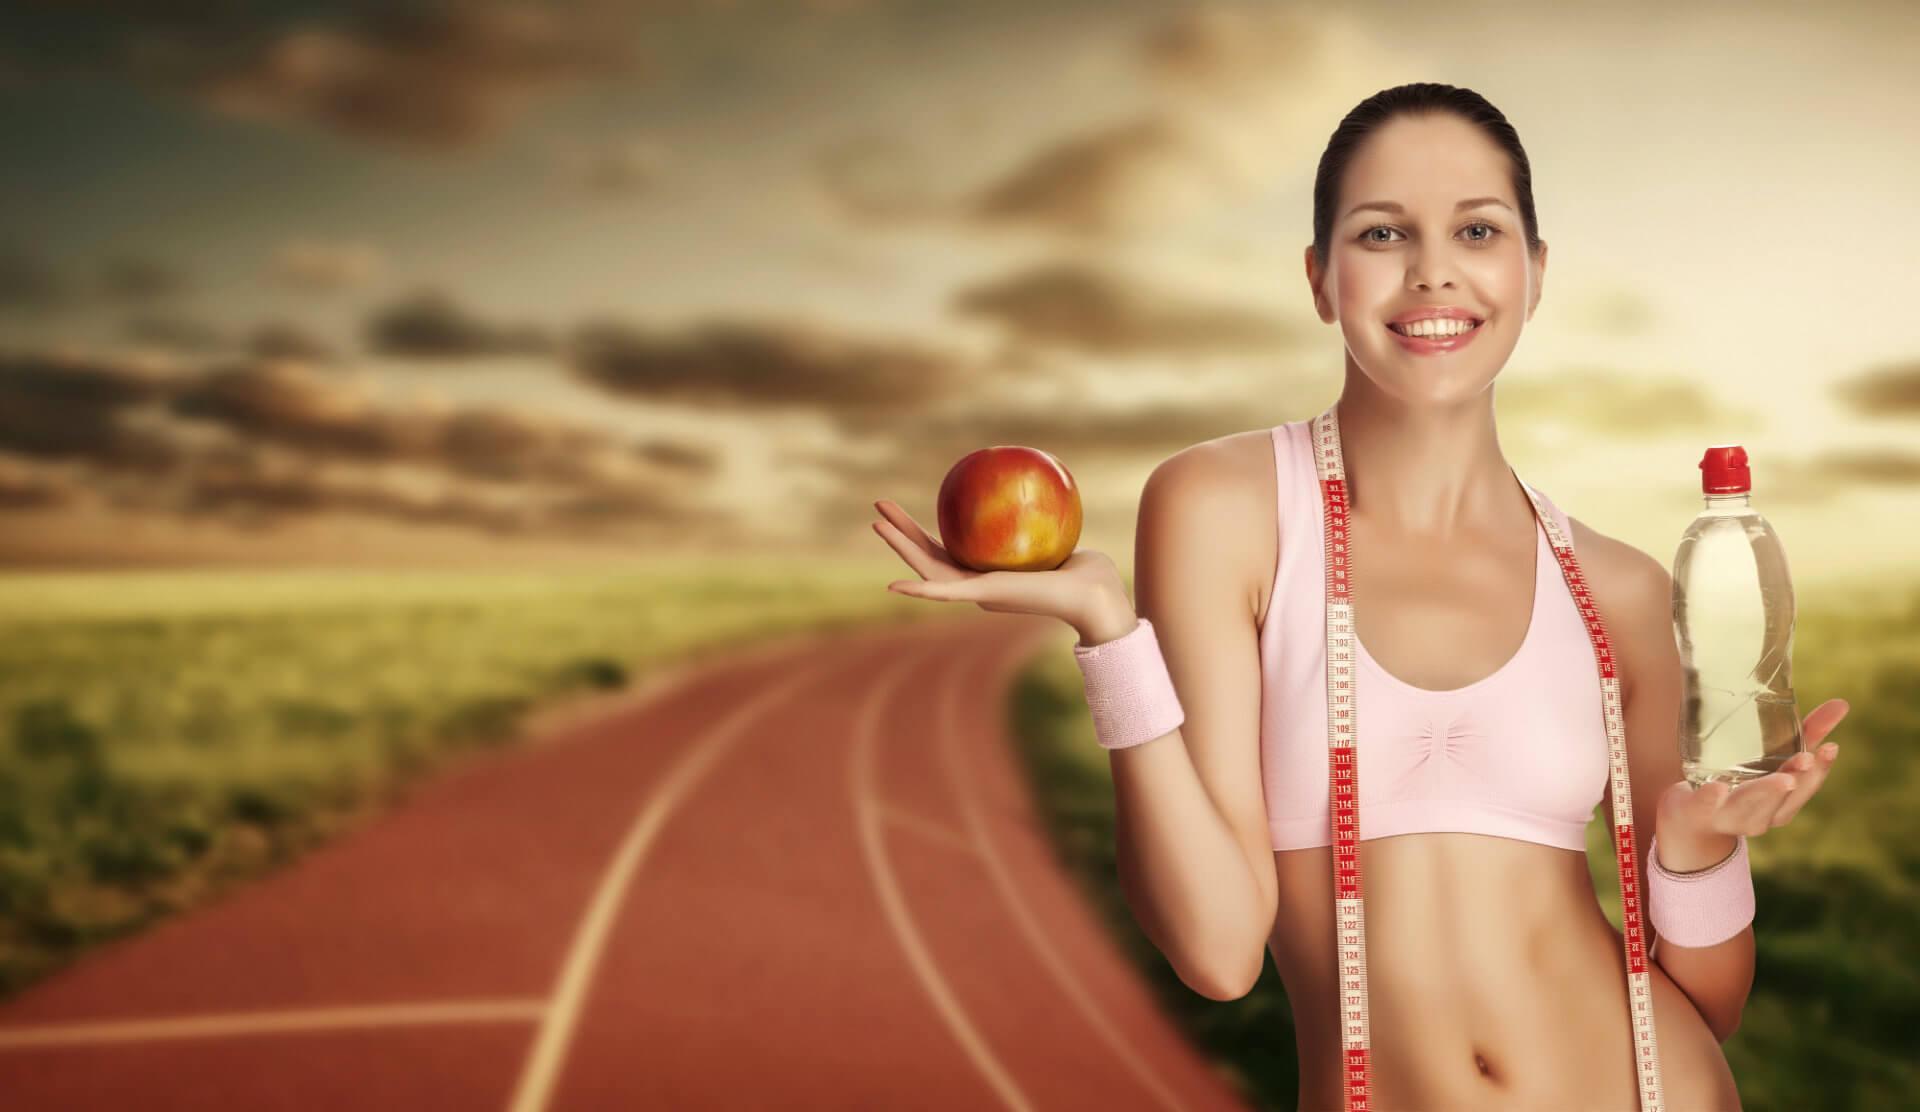 Как похудеть и провести «сушку» тела – дельные советы